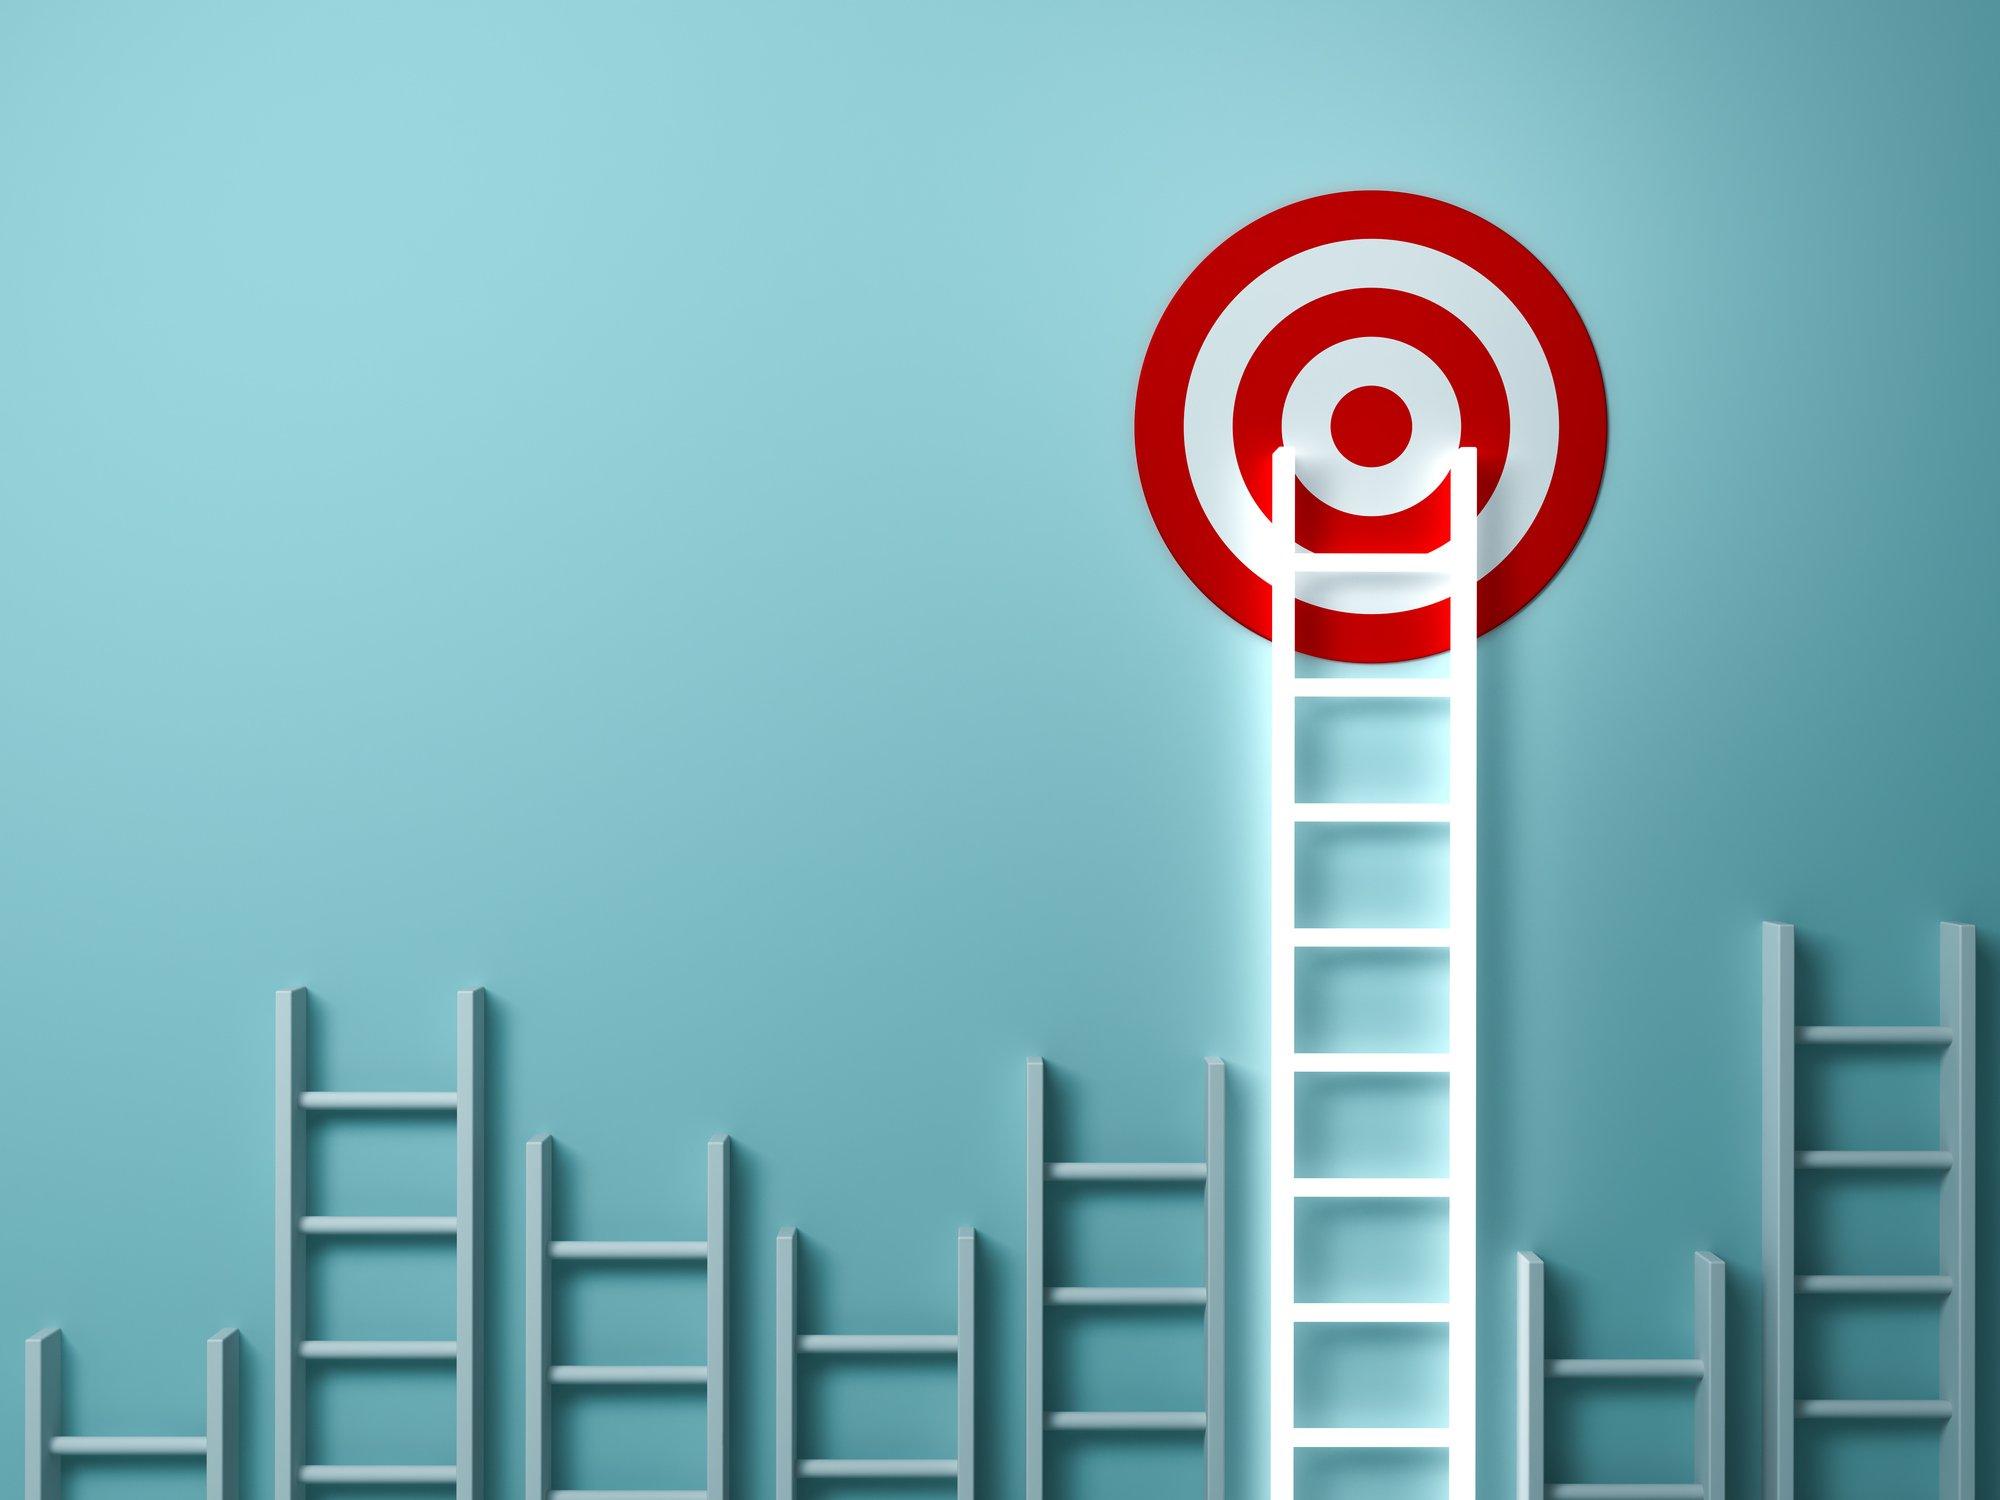 Ποιος είναι ο στόχος που θέλετε να πετύχετε_